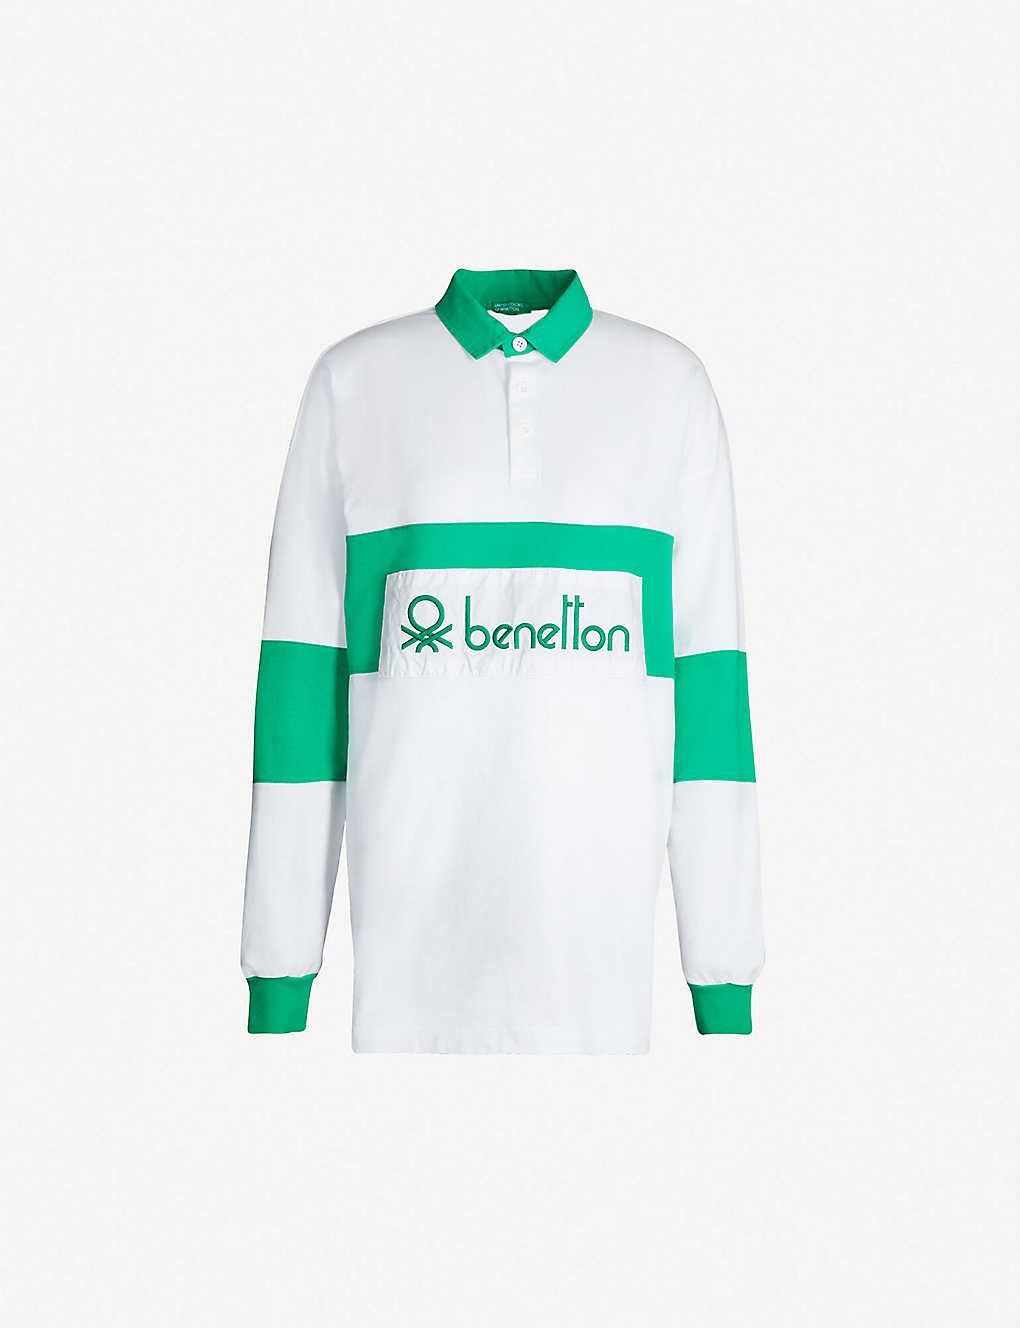 3da60a1c0 BENETTON - Unisex logo-embroidered cotton-jersey polo shirt ...